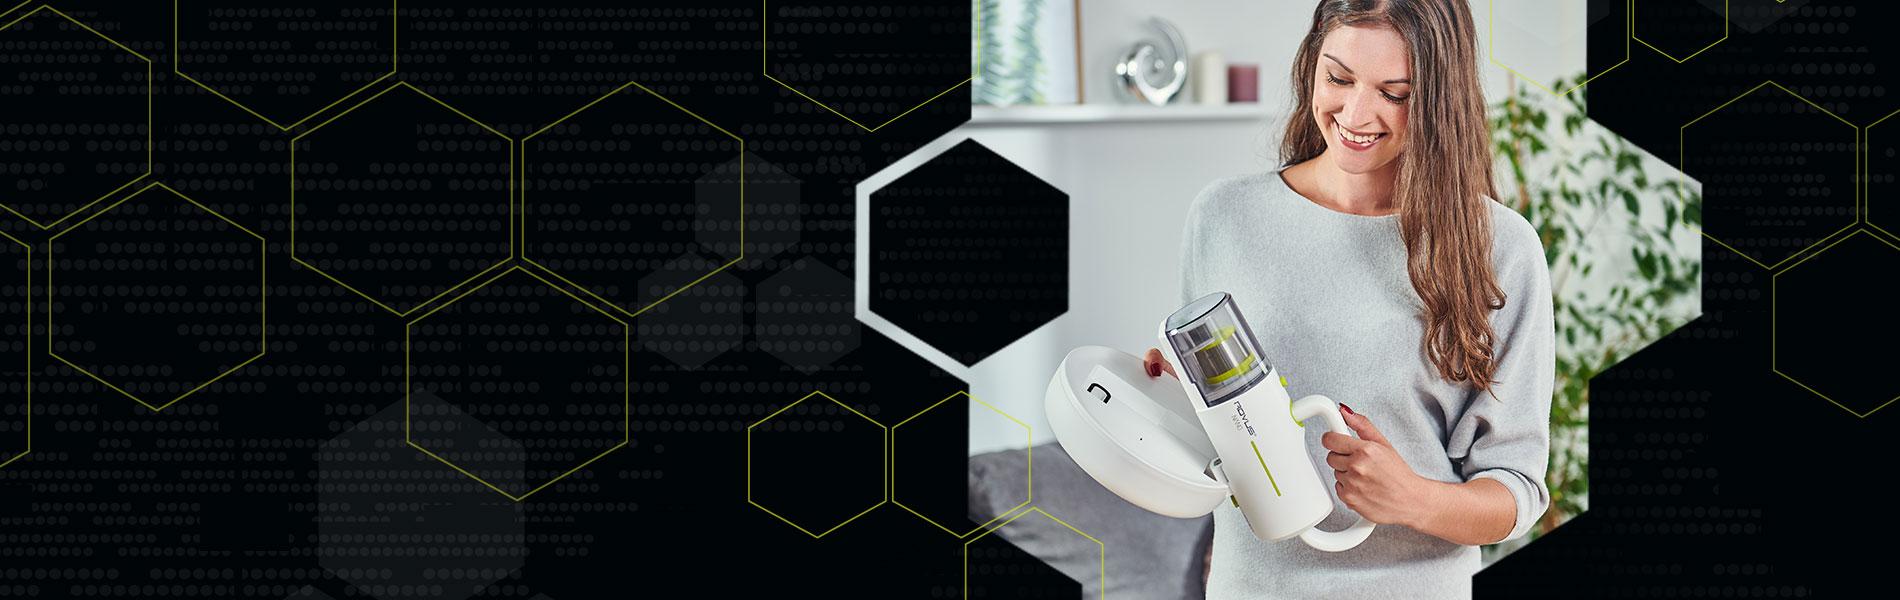 NOVO iz Nano linije proizvoda!